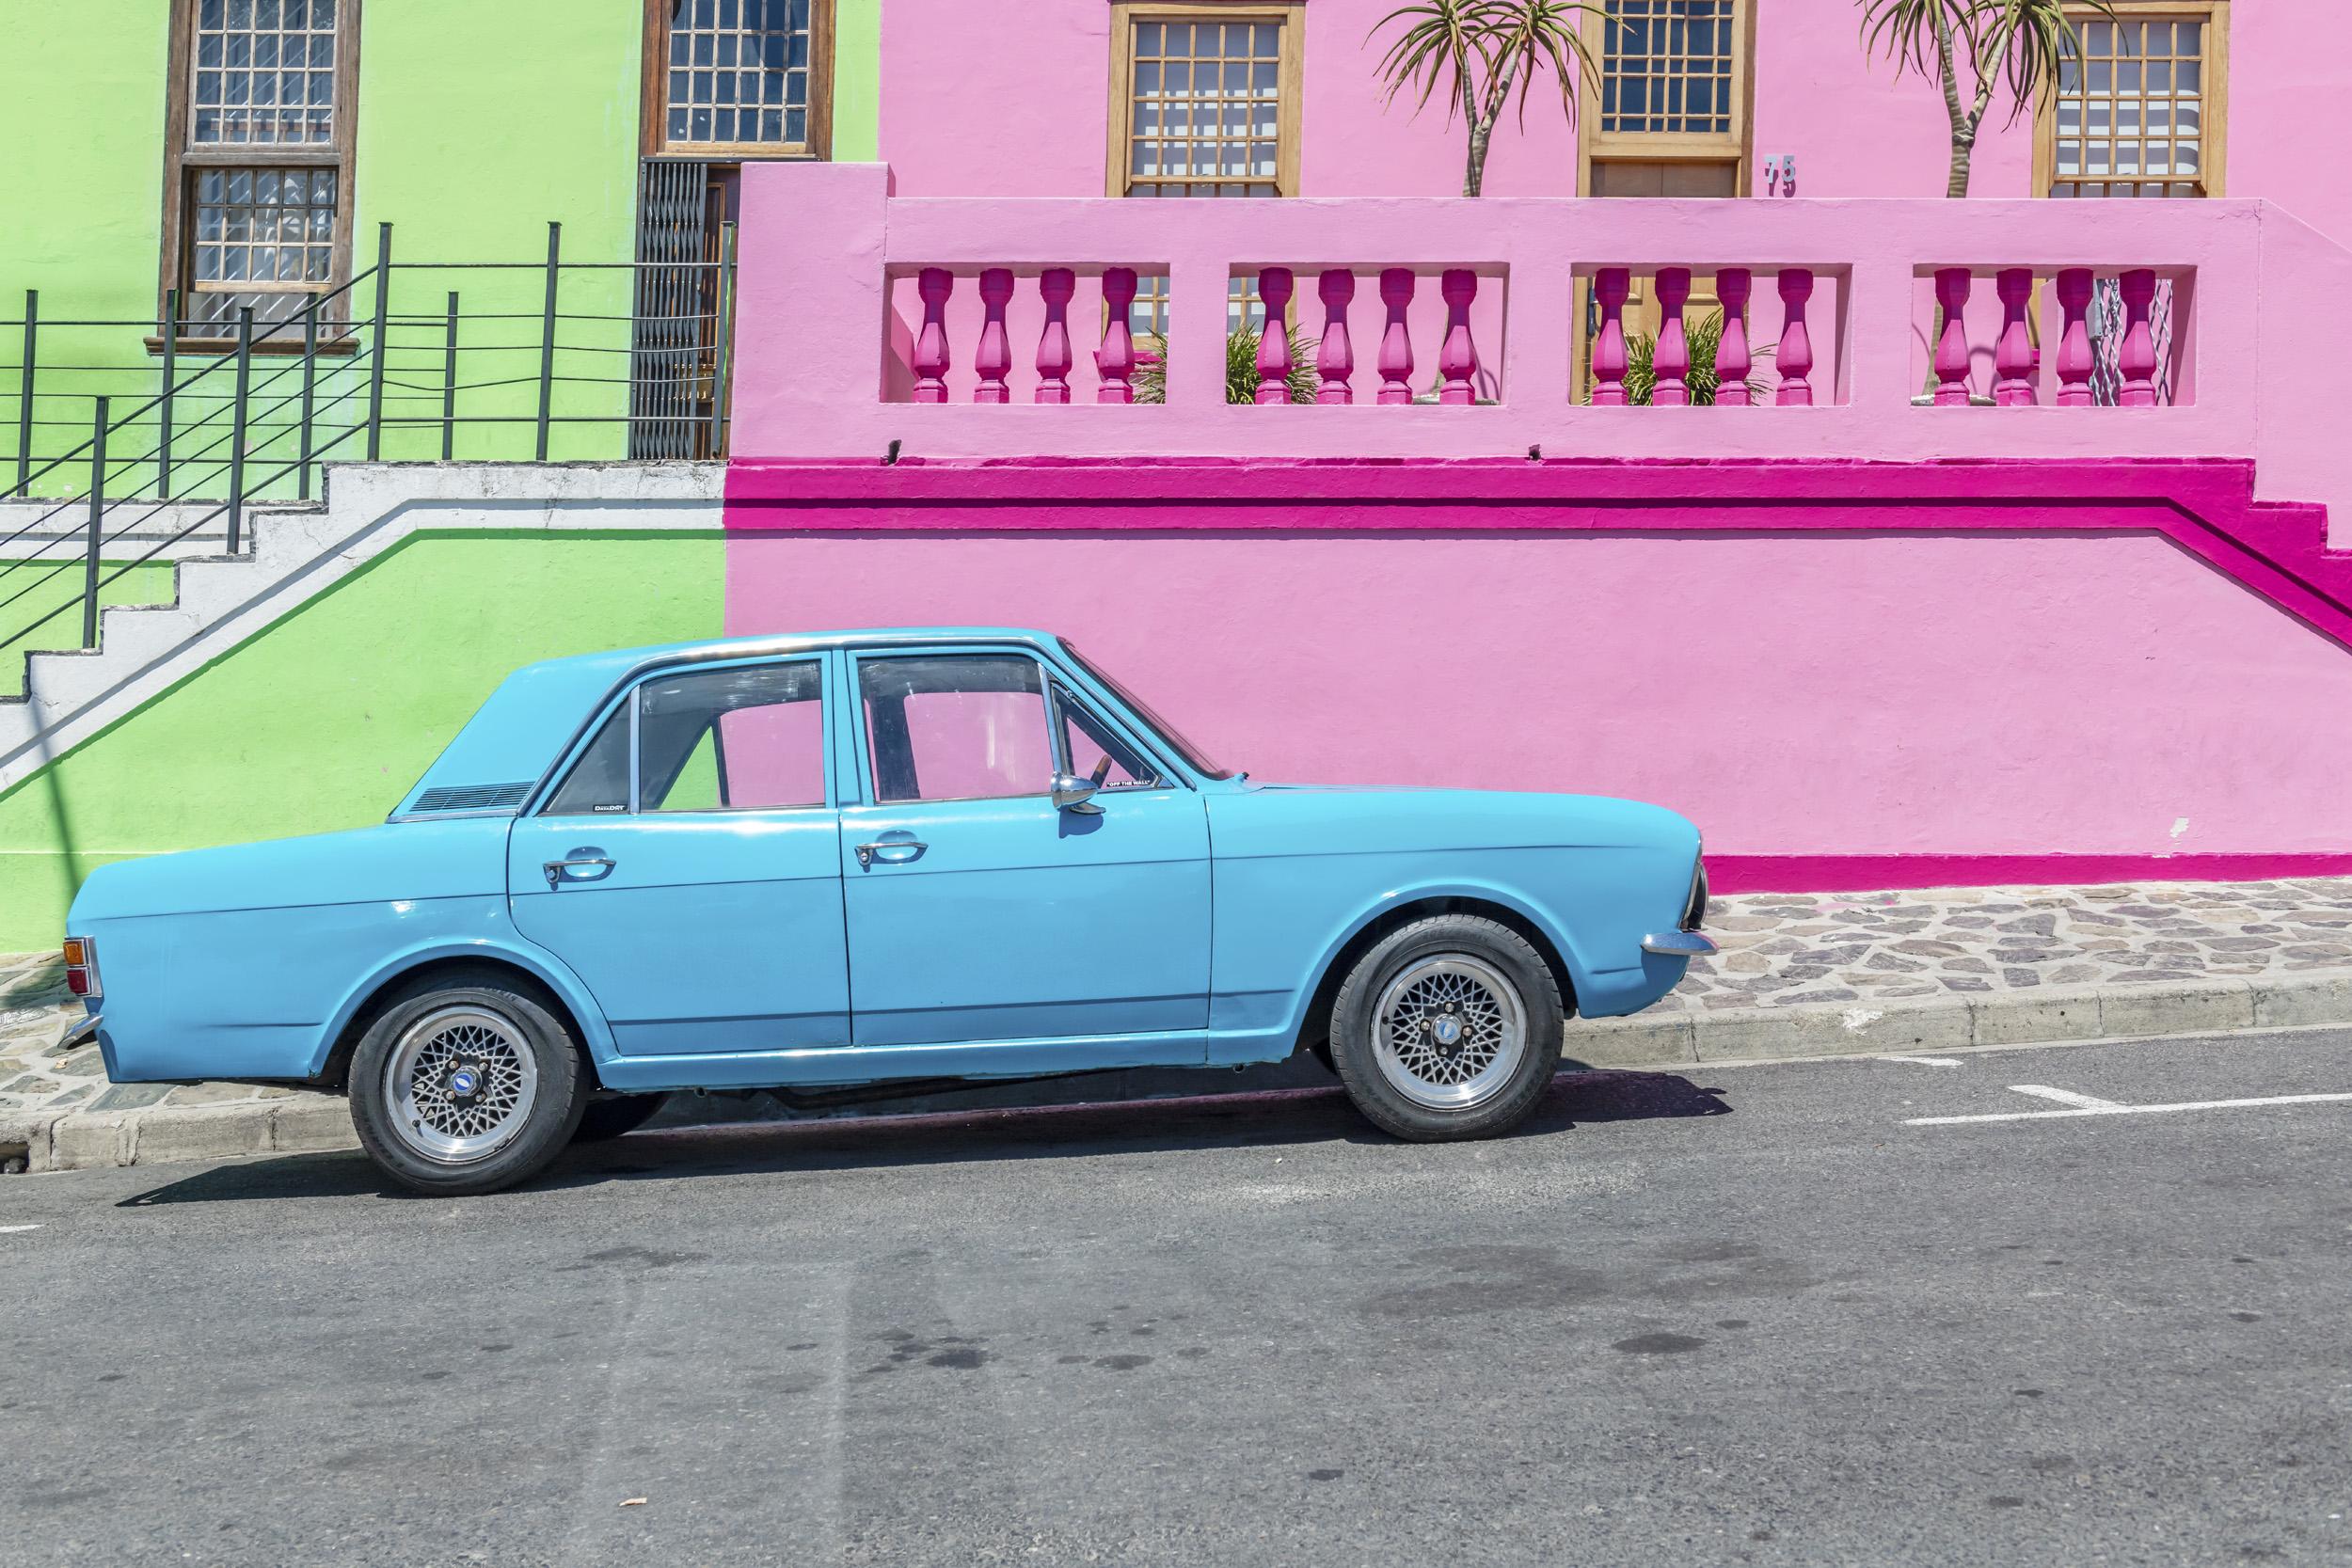 Blue Car, Pink & Green House - Bo Kaap, Cape Town